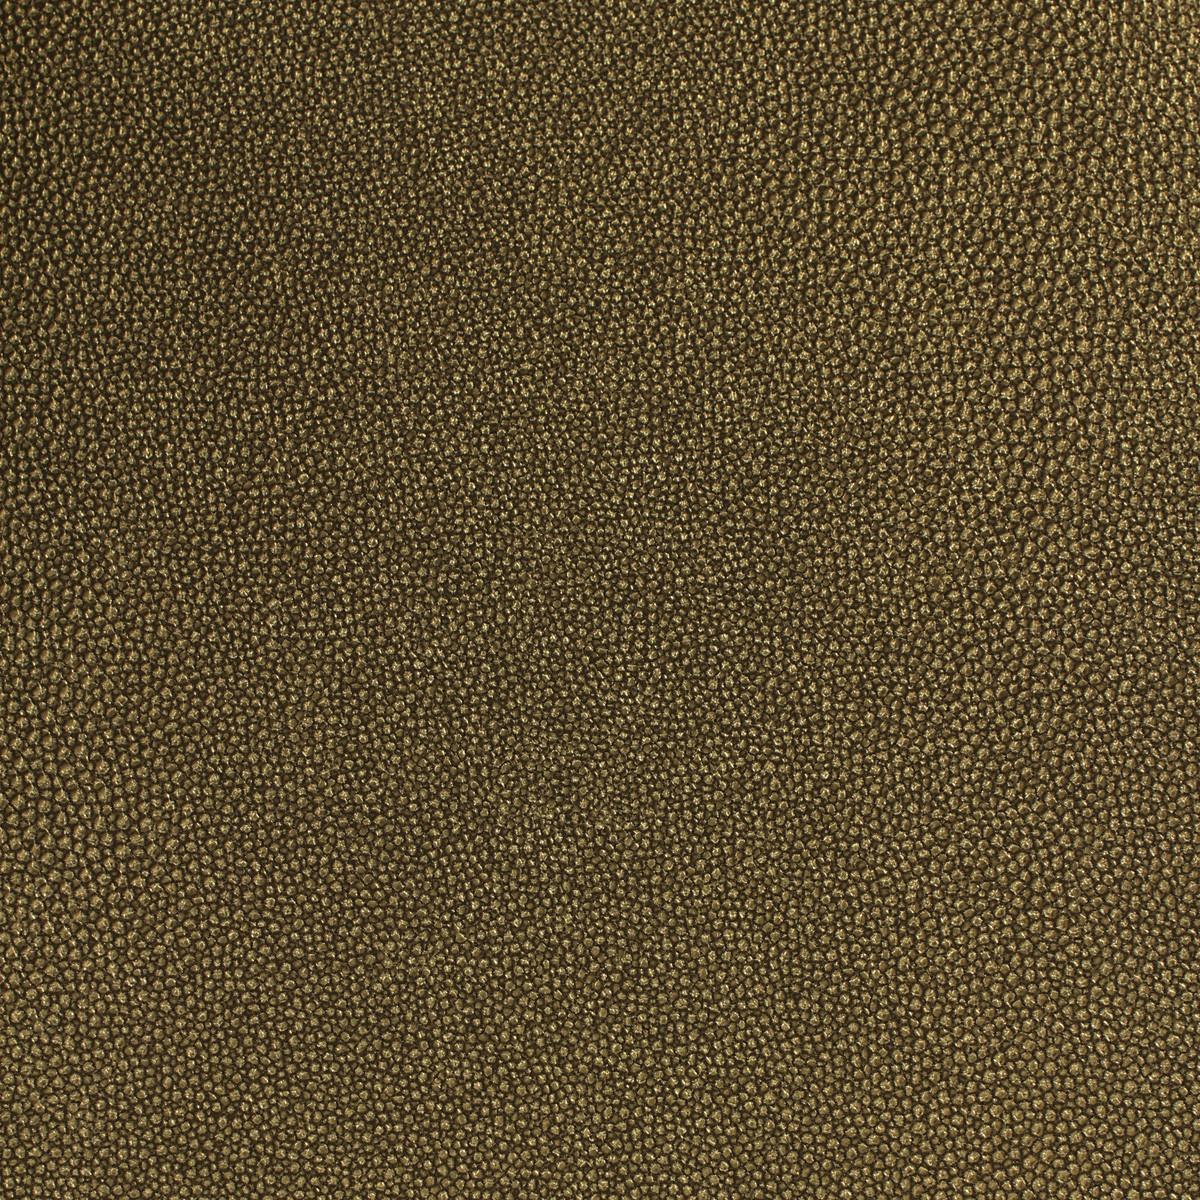 Harald--Gloeoeckler--Tapeten--Gold--Schwarz--Uni-- 21 Fresh Teppich Kurzflor